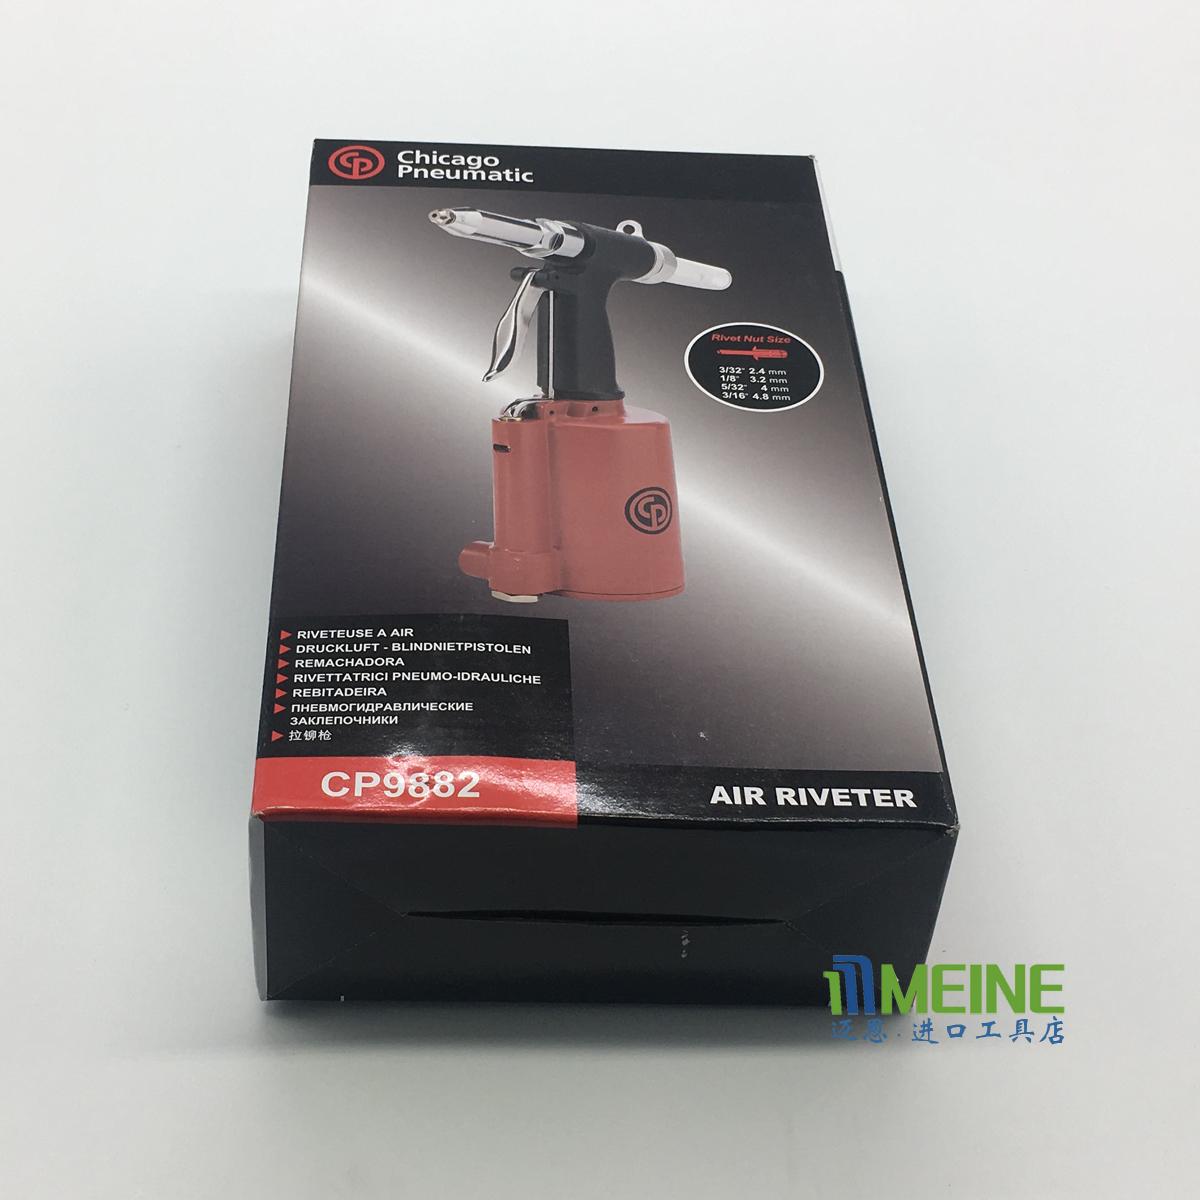 規格品アメリカCP9882空気圧ハンドリベッター8941098820リベッタCPシカゴ気動工具